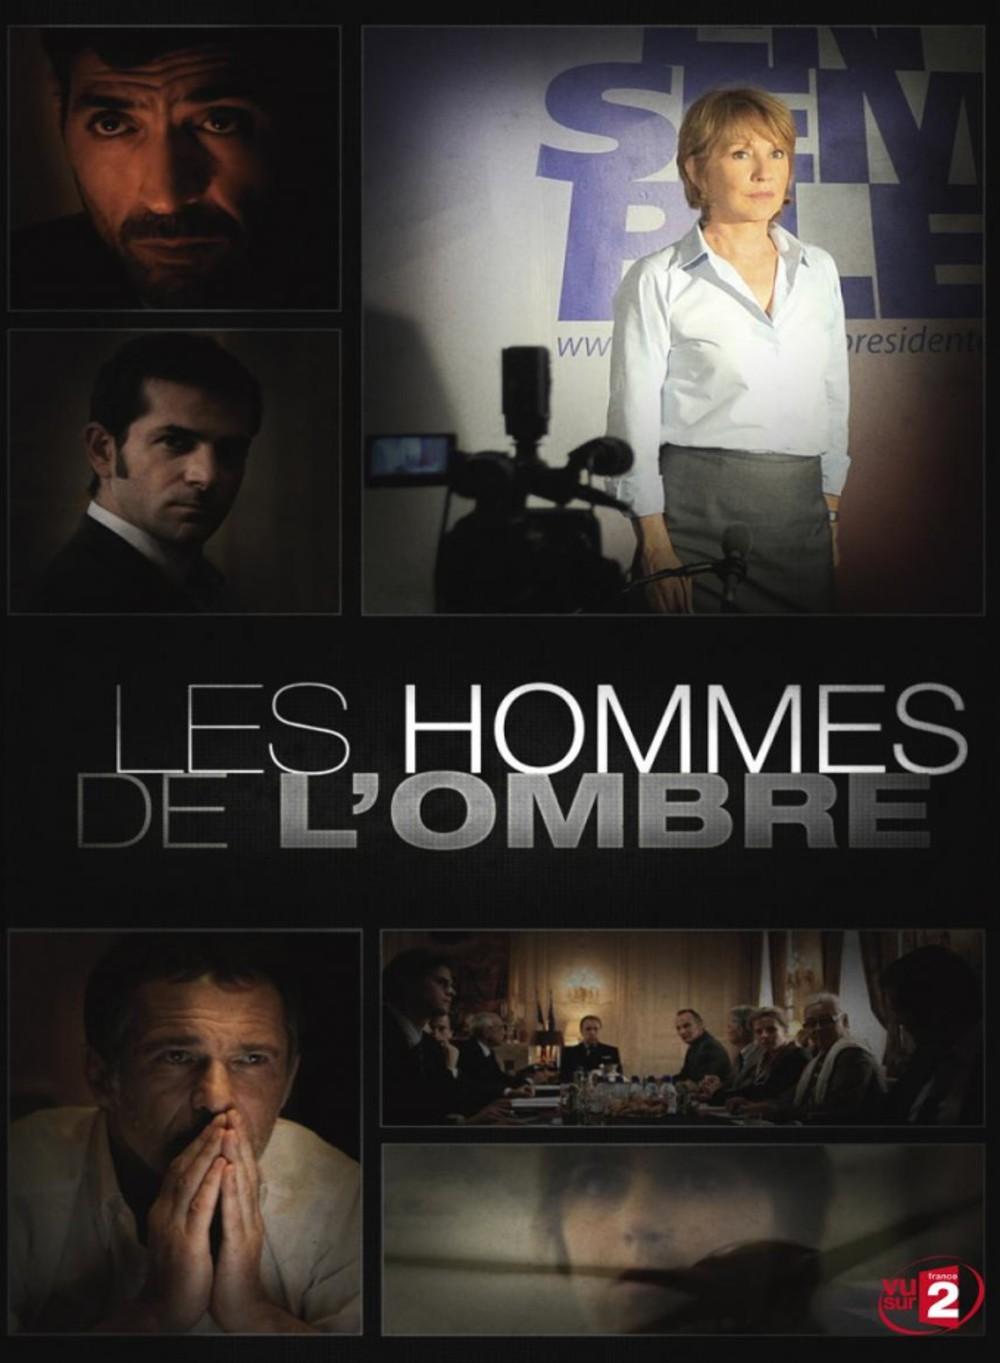 Les_Hommes_de_l_ombre